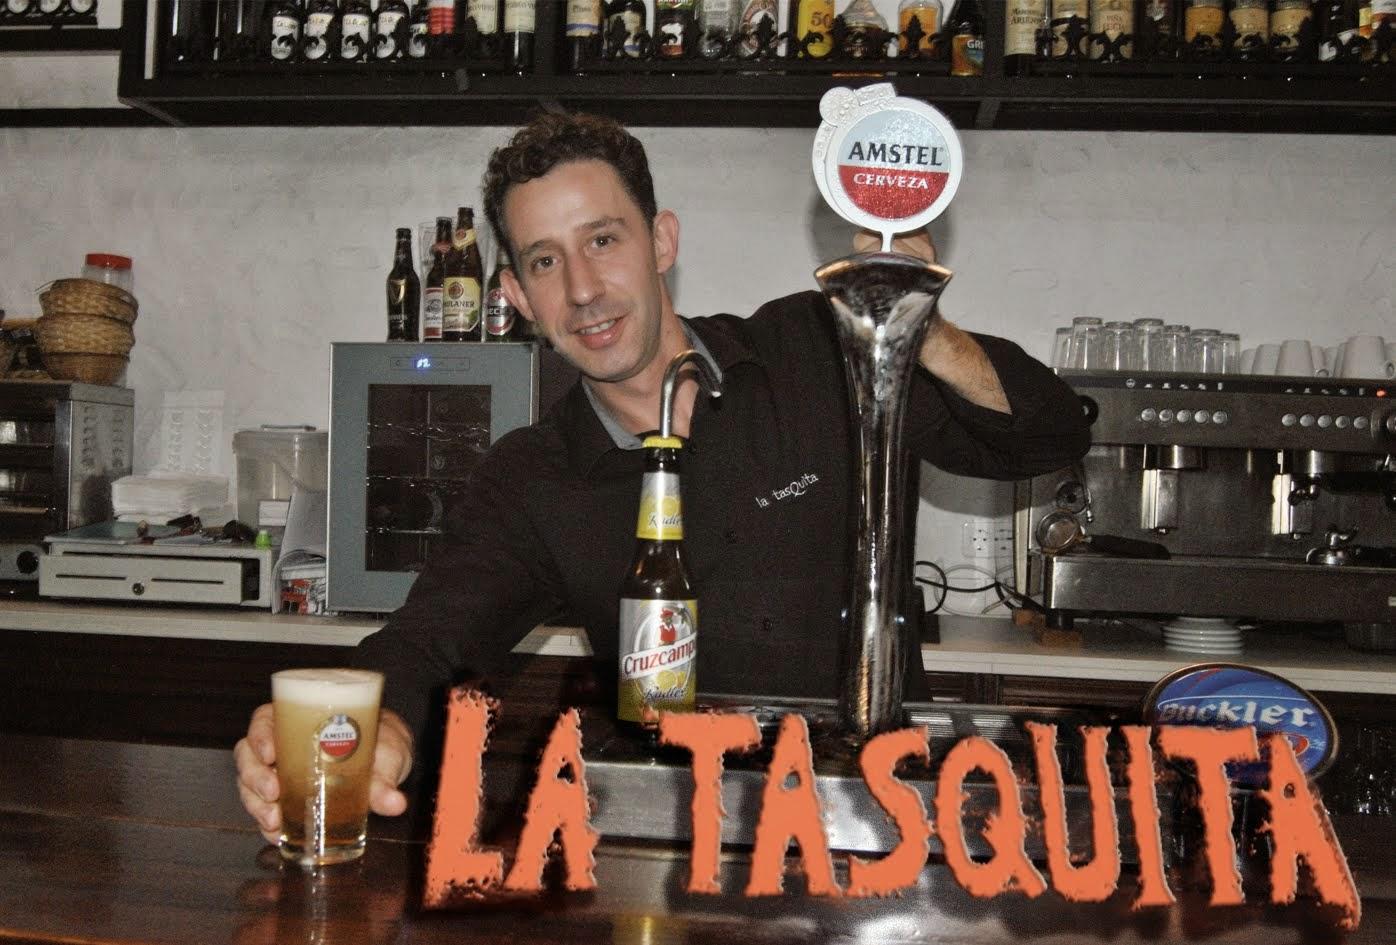 La Tasquita